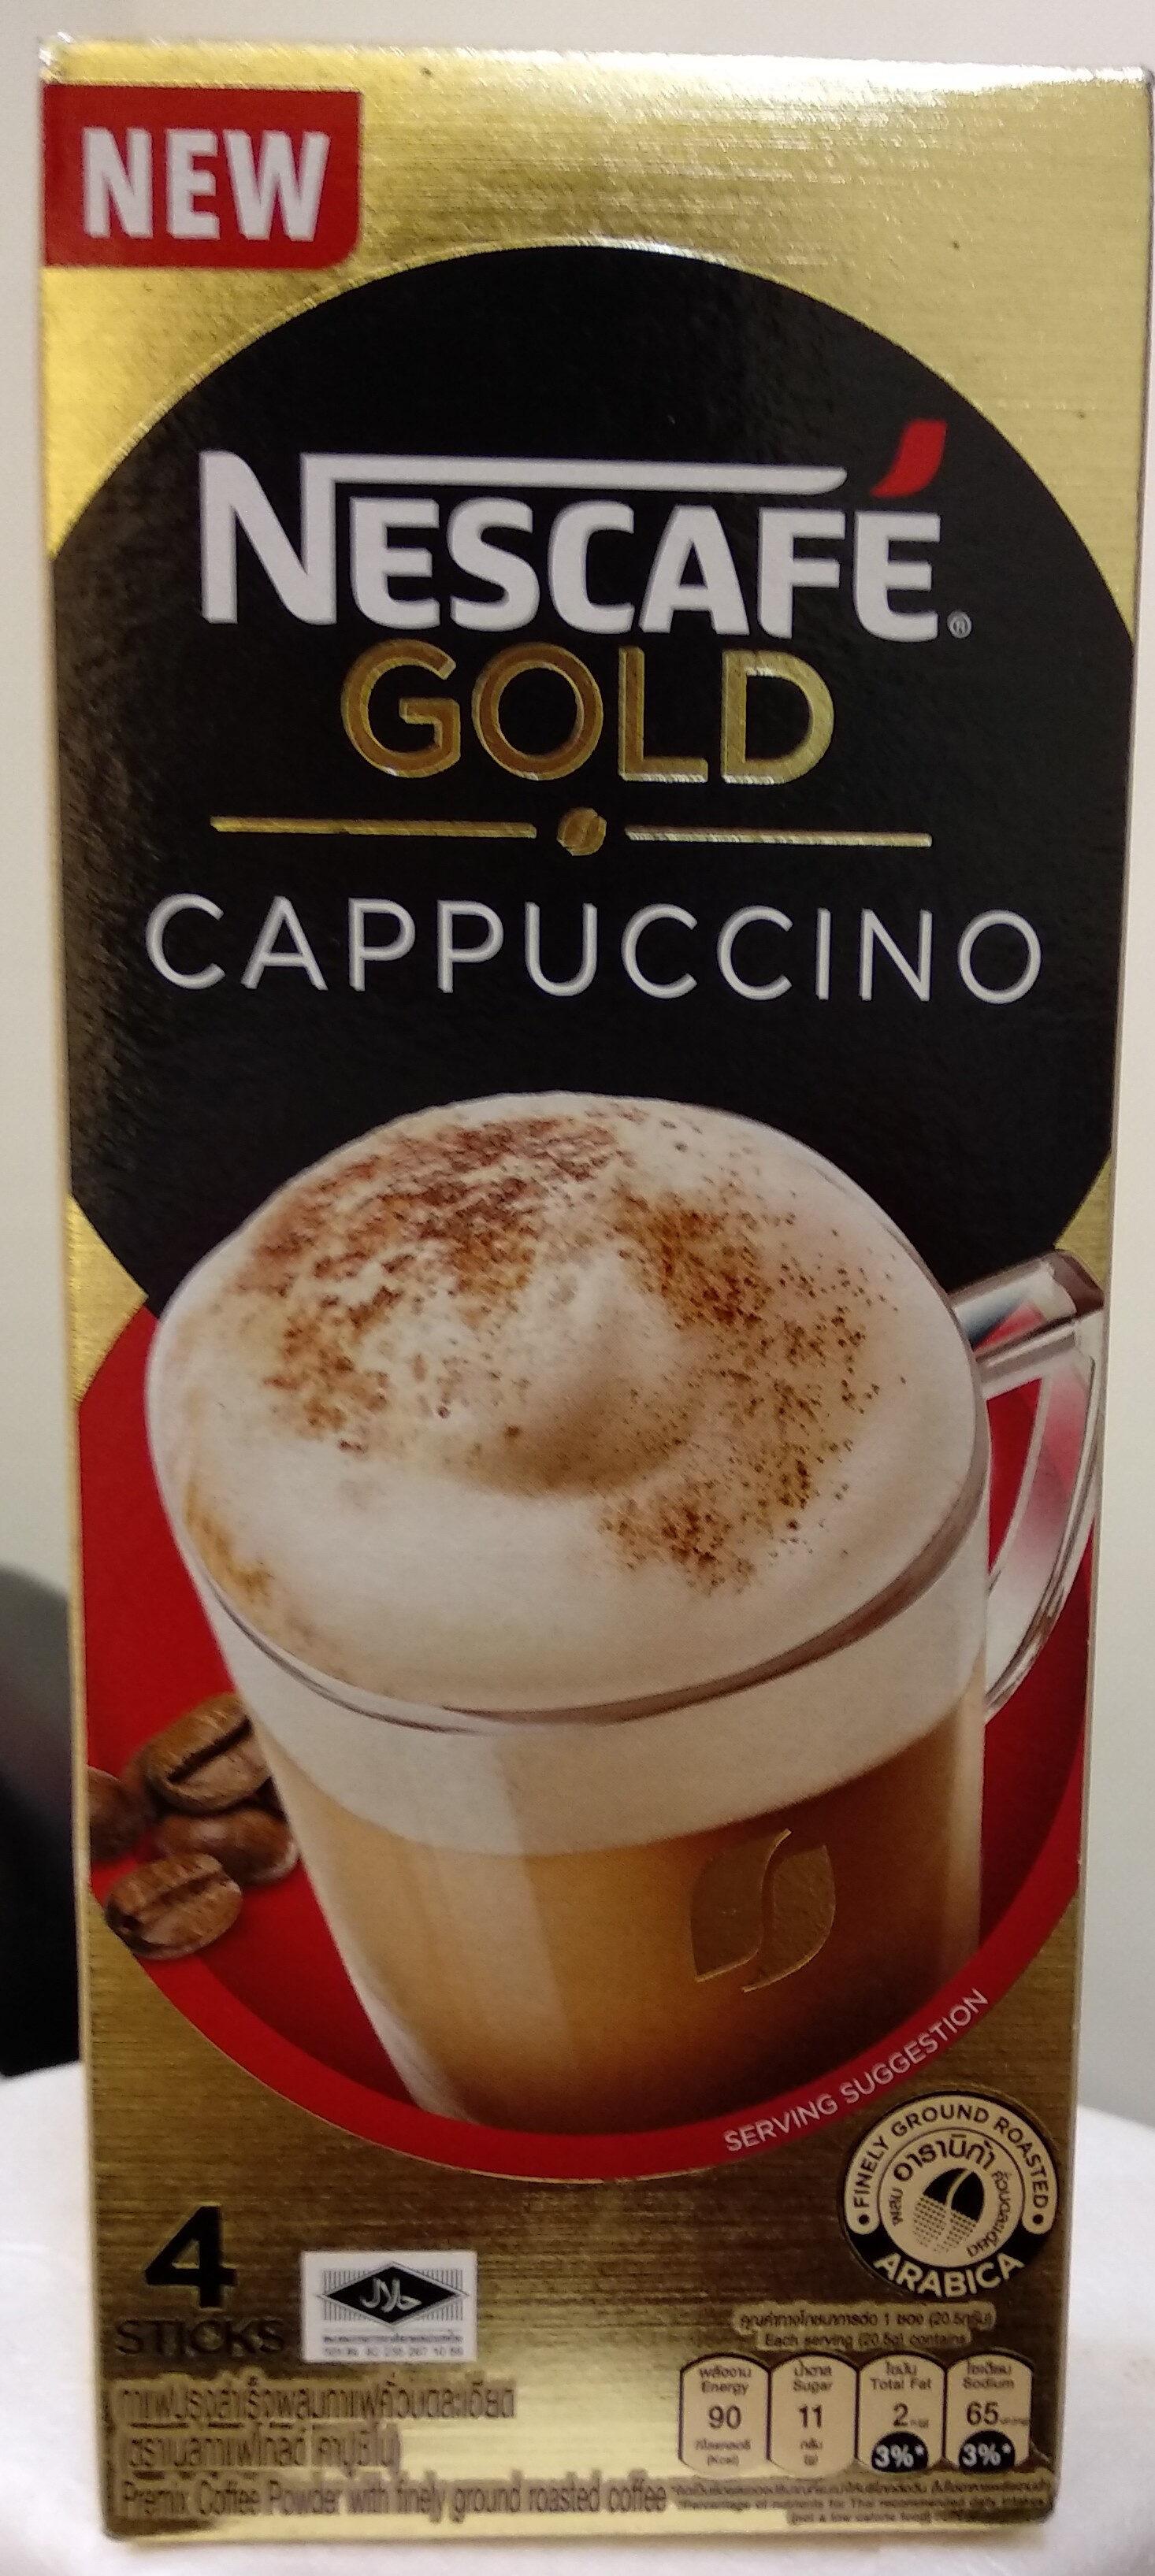 เนสกาแฟโกลด์ คาปูชิโน - Product